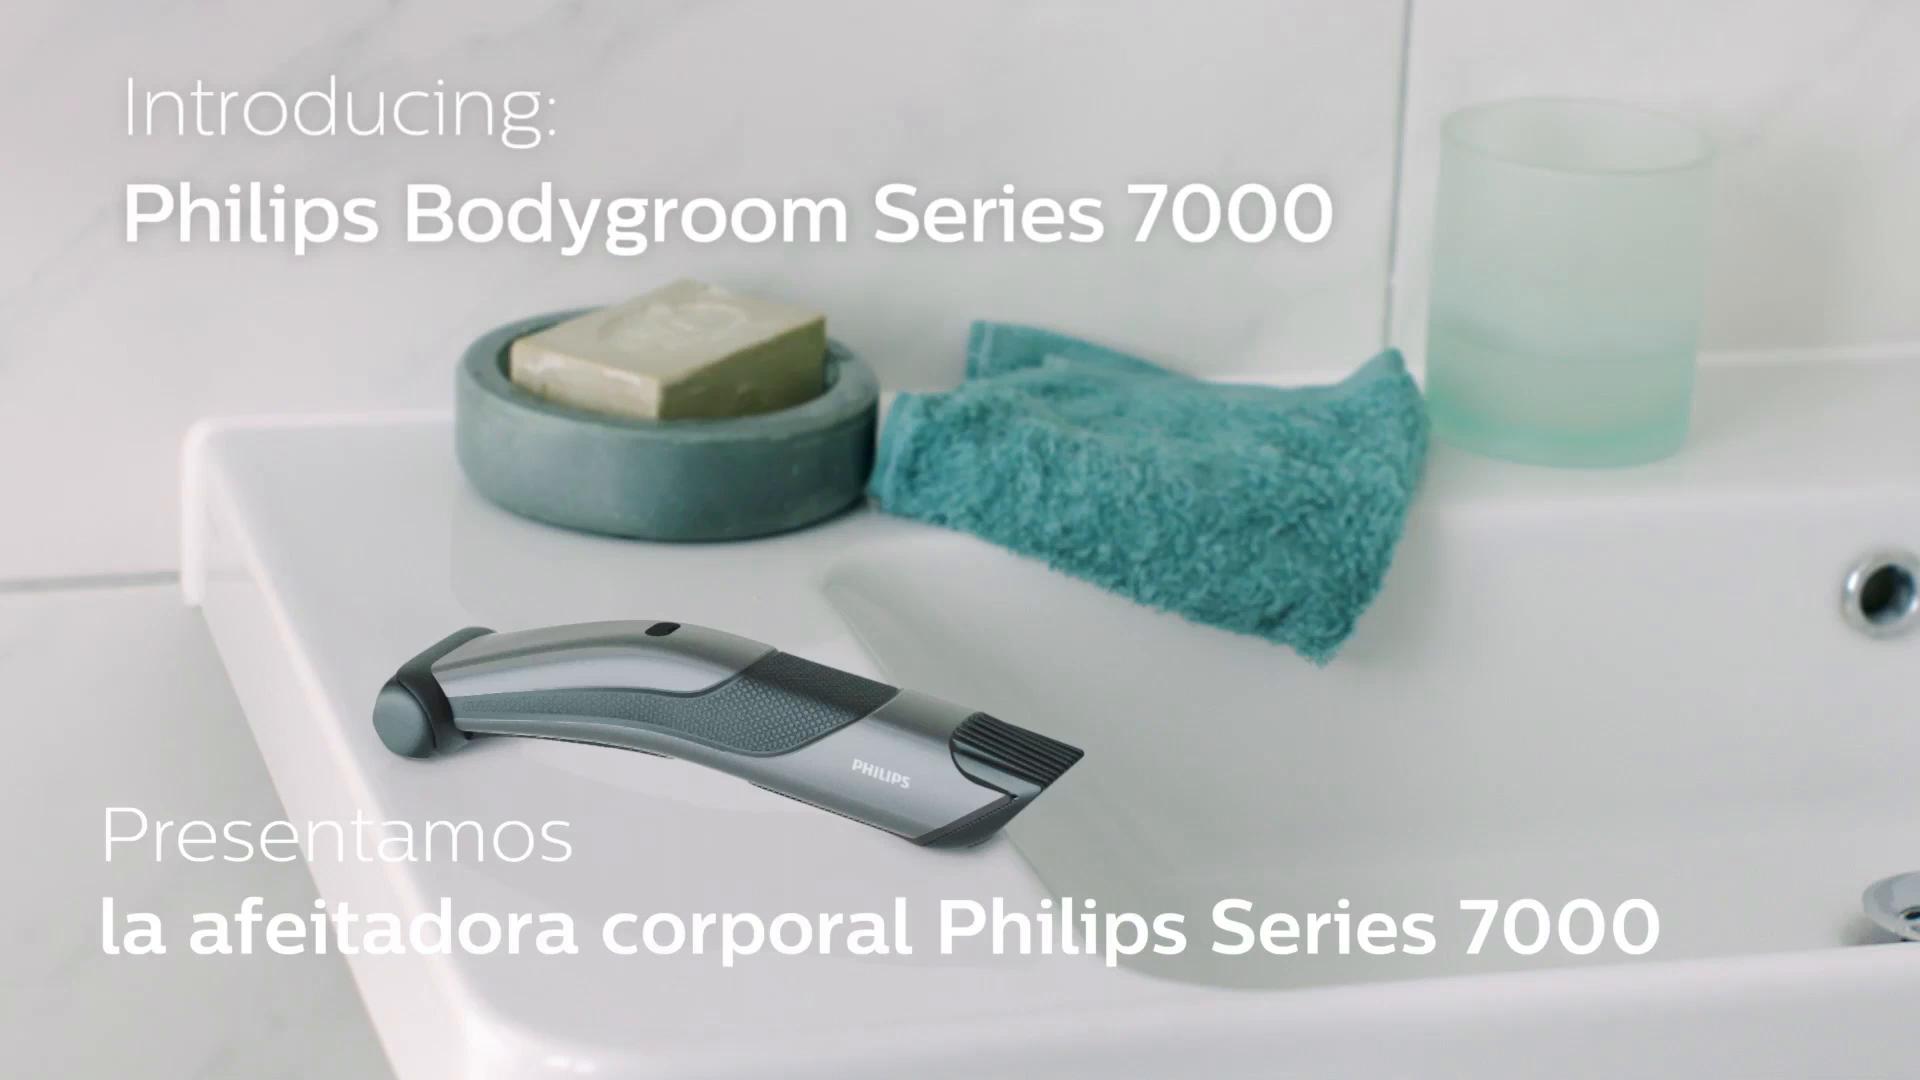 Philips Serie 7000 BG7020/15 - Afeitadora corporal con cabezal de ...